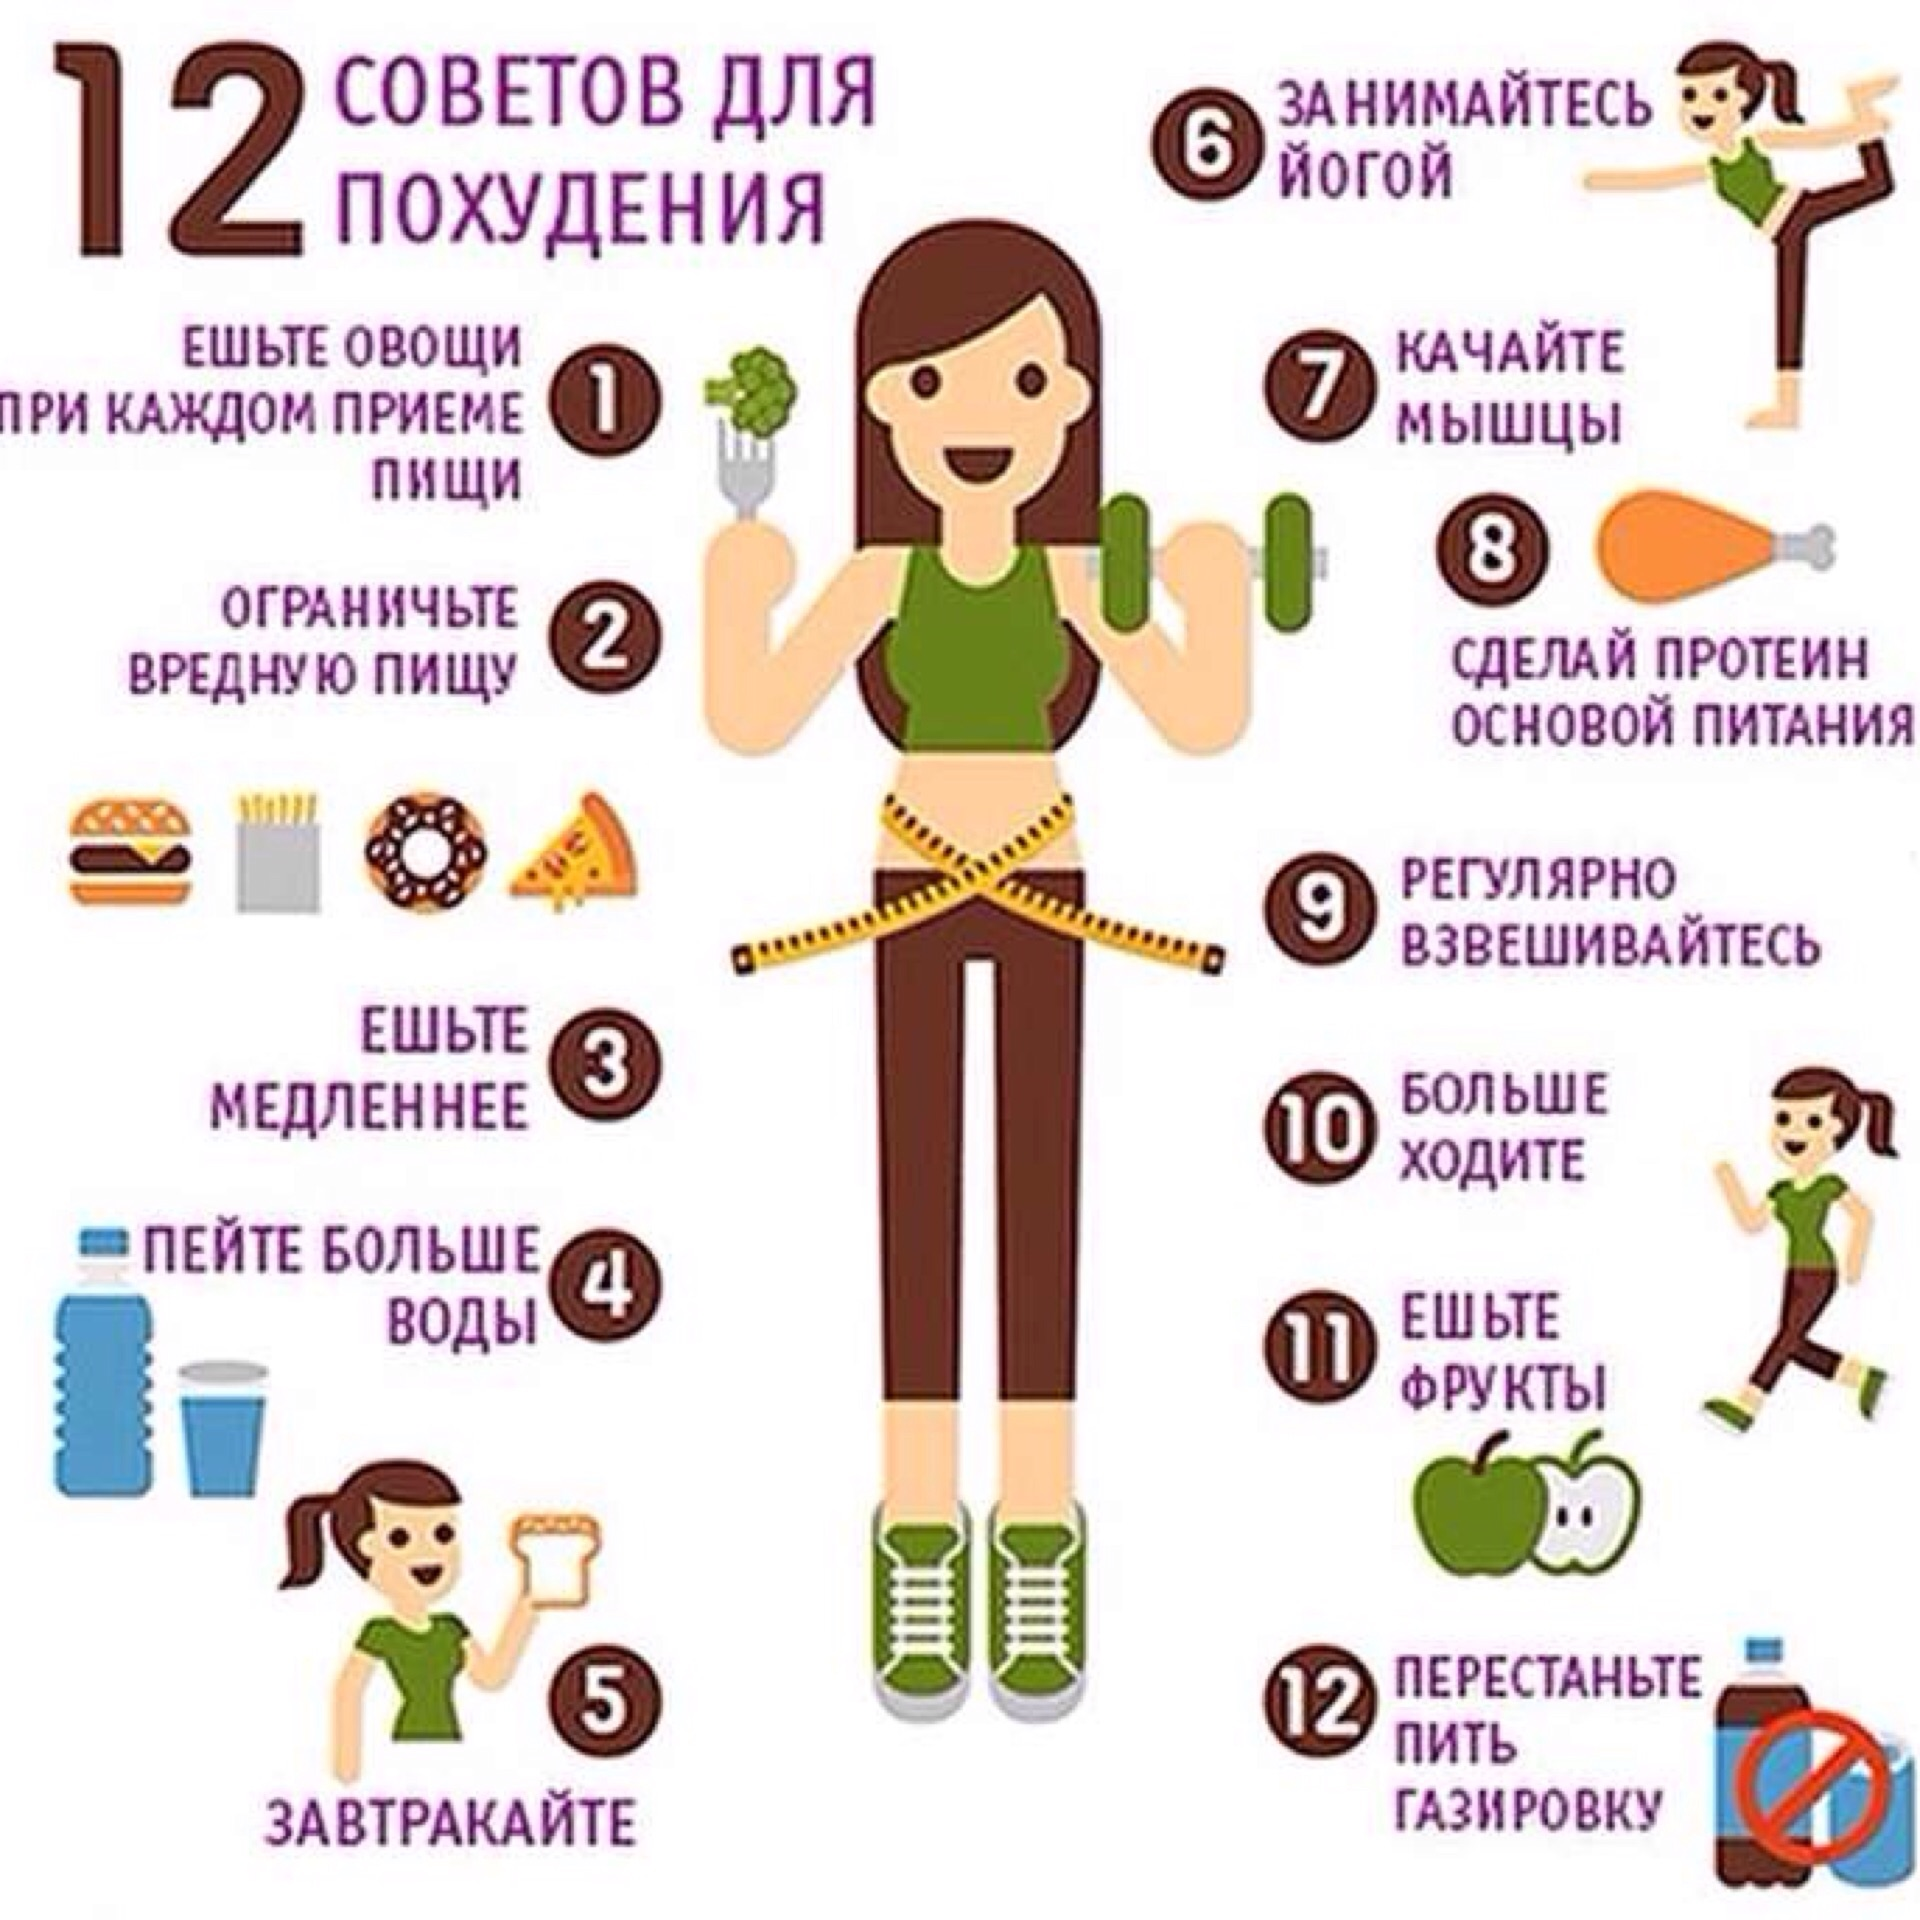 Какая Есть Диета Чтоб Похудеть. Питание для похудения. Что, как и когда есть, чтобы похудеть?